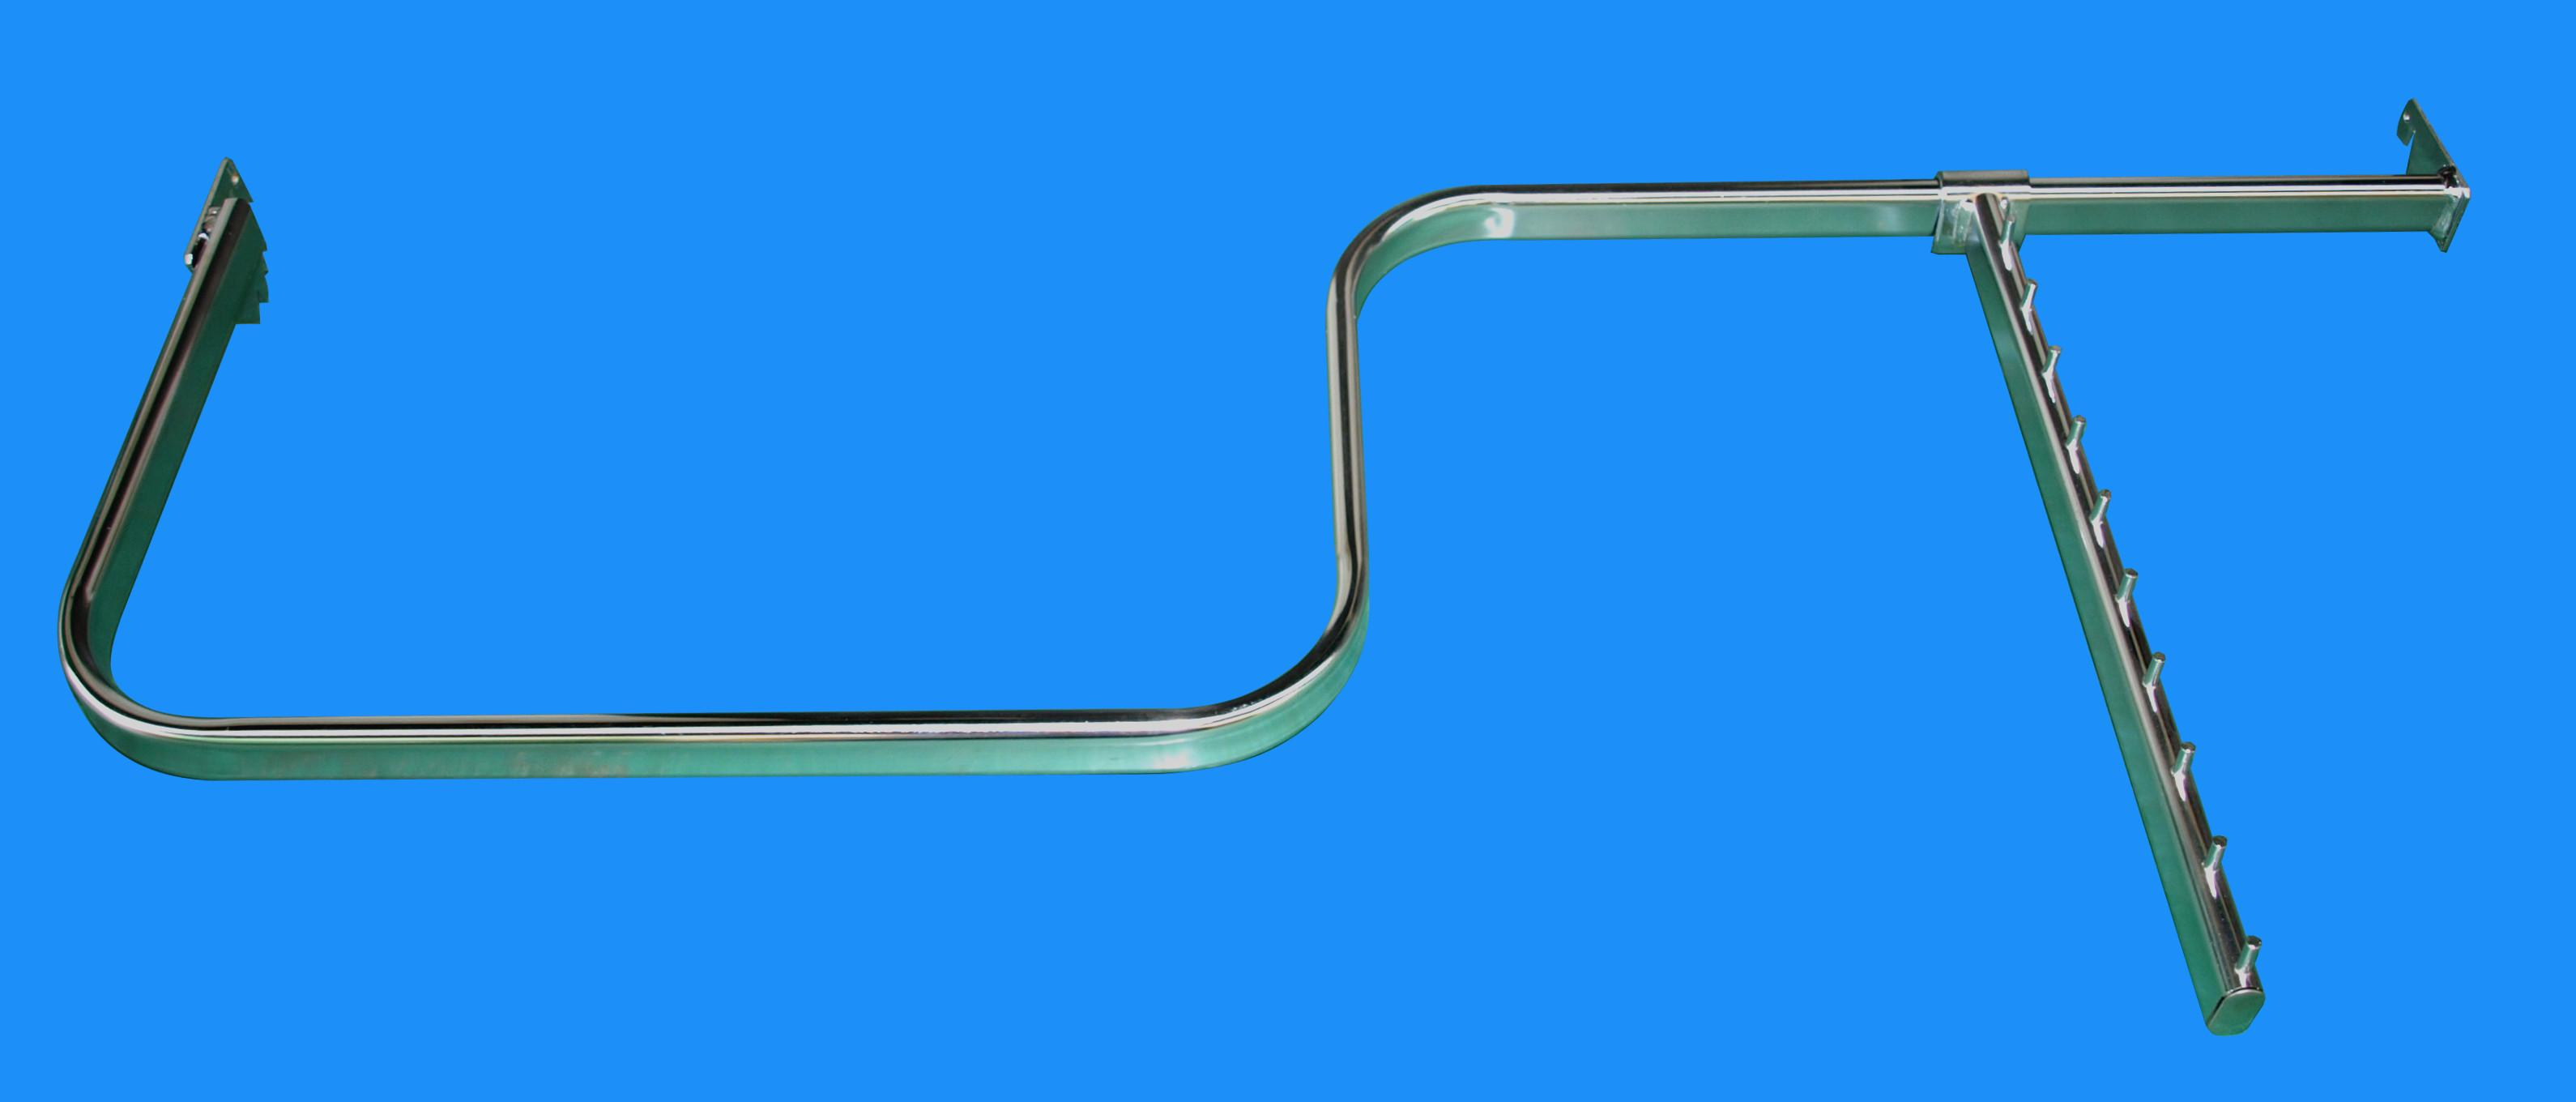 prostokątny pałąk chromowany